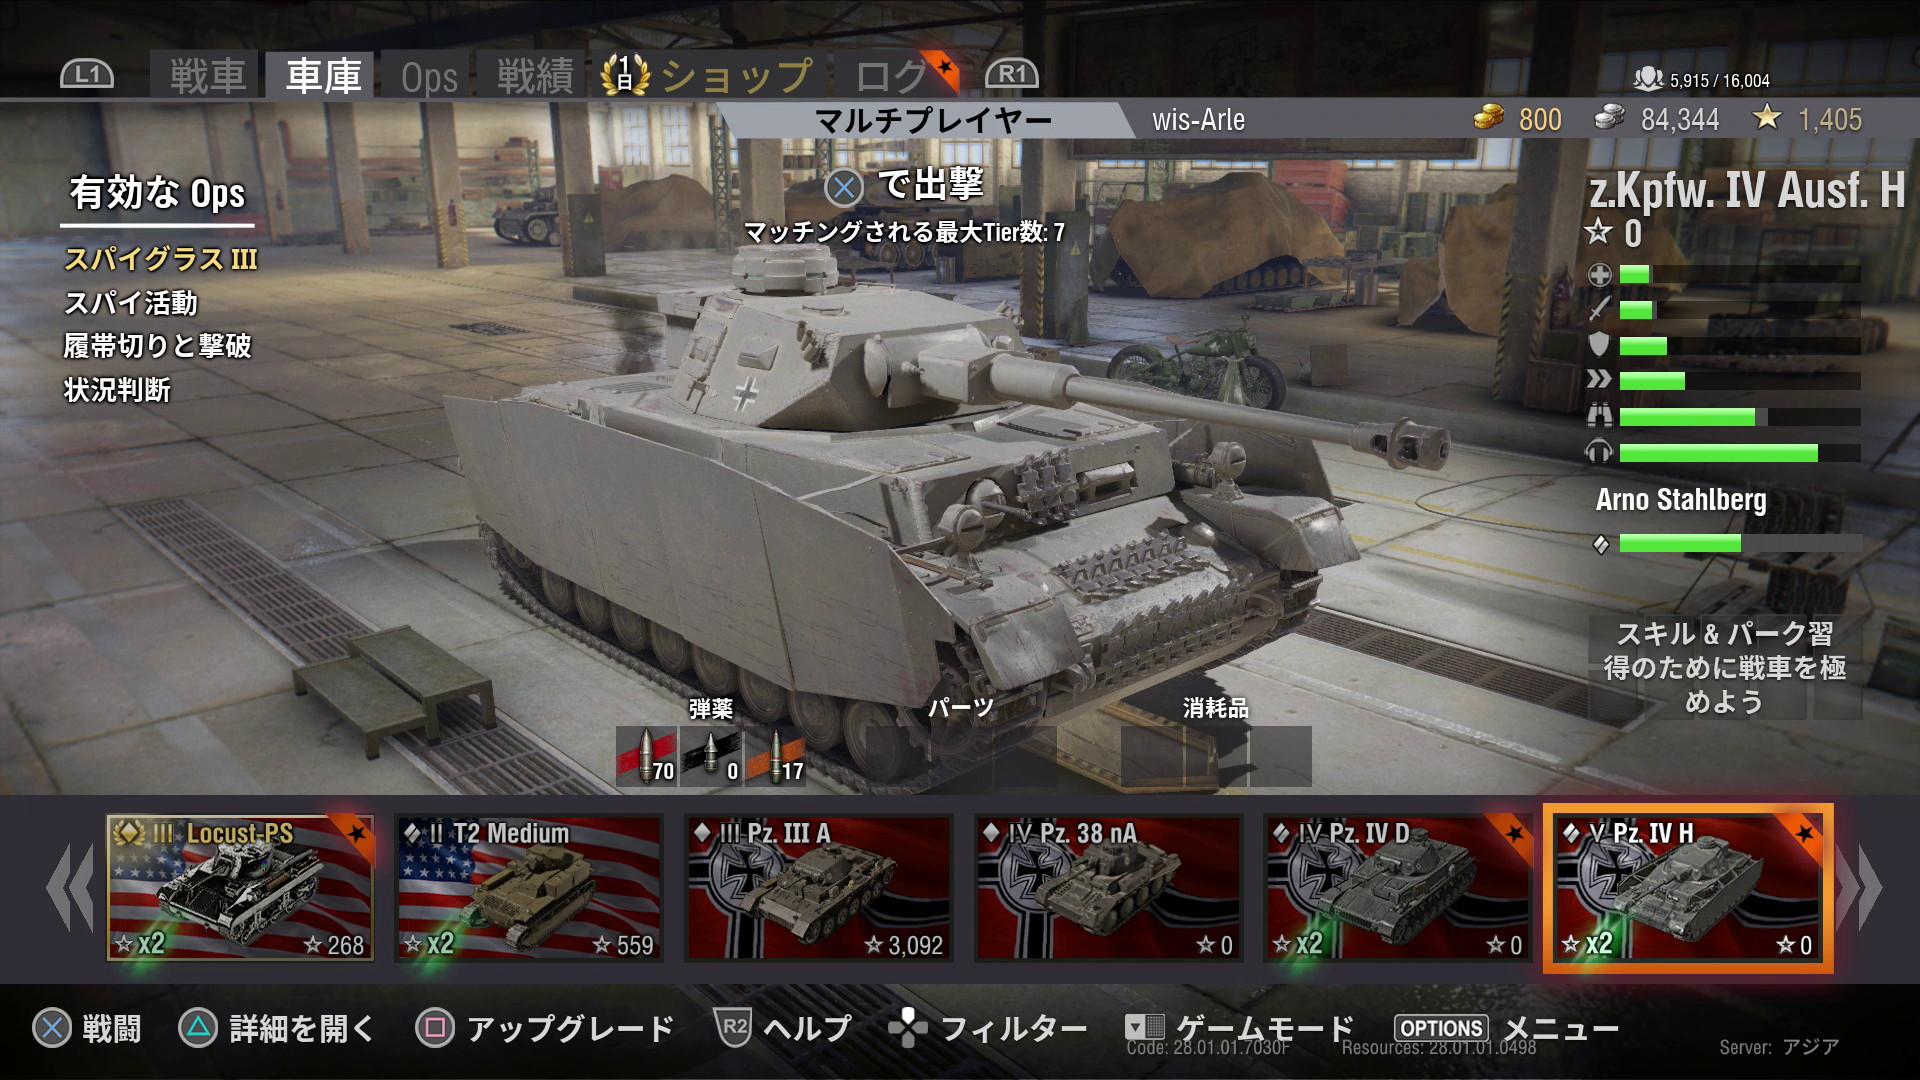 Tier5中戦車「Pz.IV H」。ここから2万経験値を稼ぐ